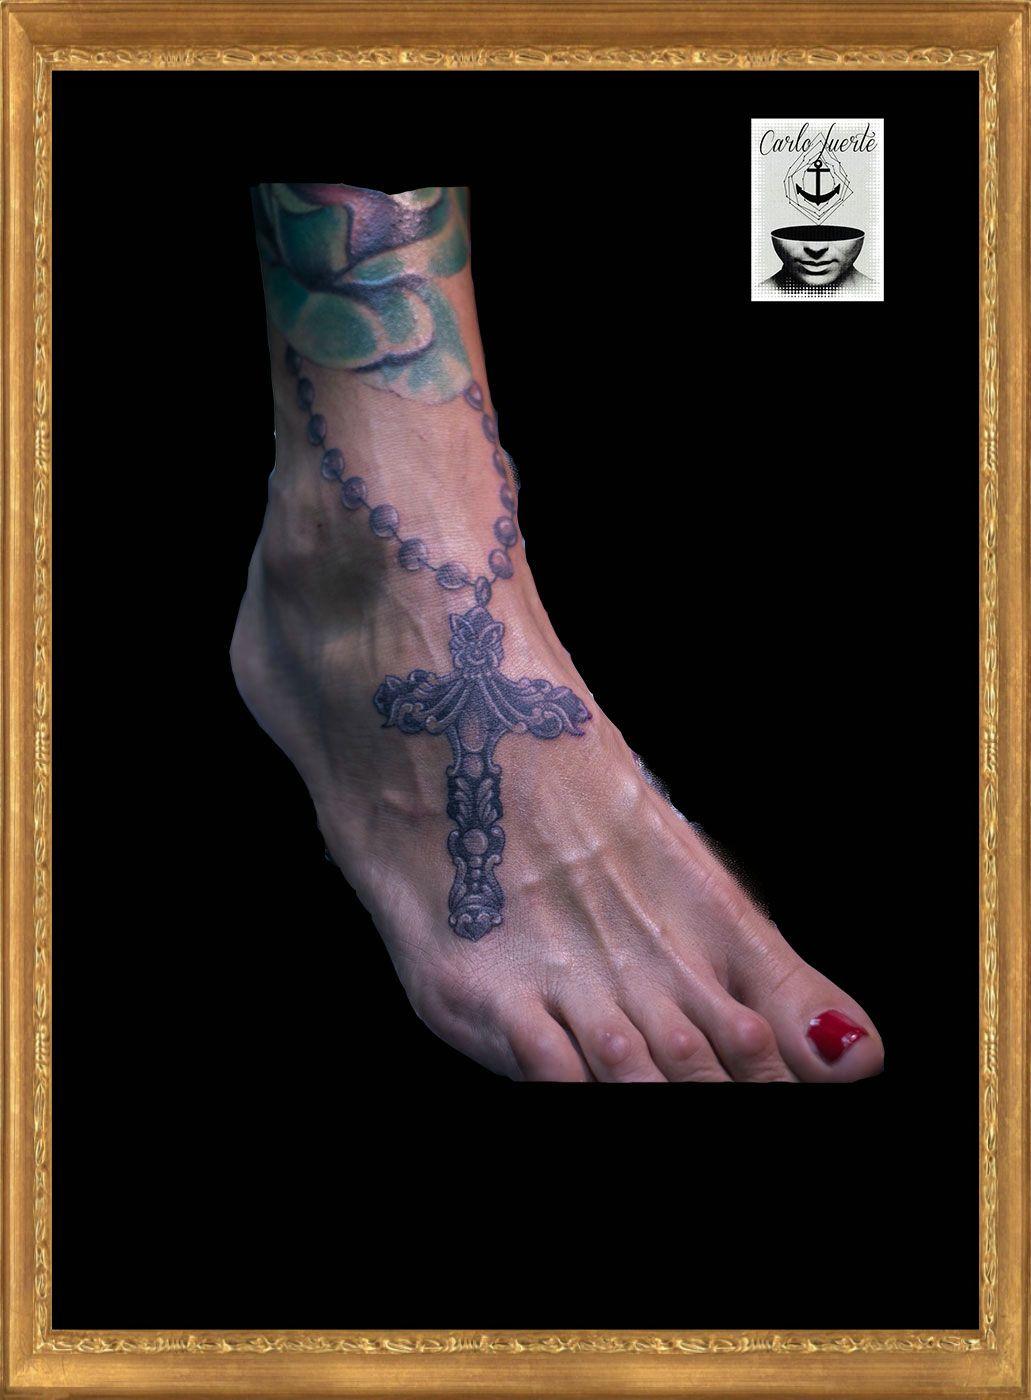 realistic tattoo #cross tattoo #tattoo idea #leg tattoo #fuerteventura tattoo #corralejo tattoo #carlofuertetattoo